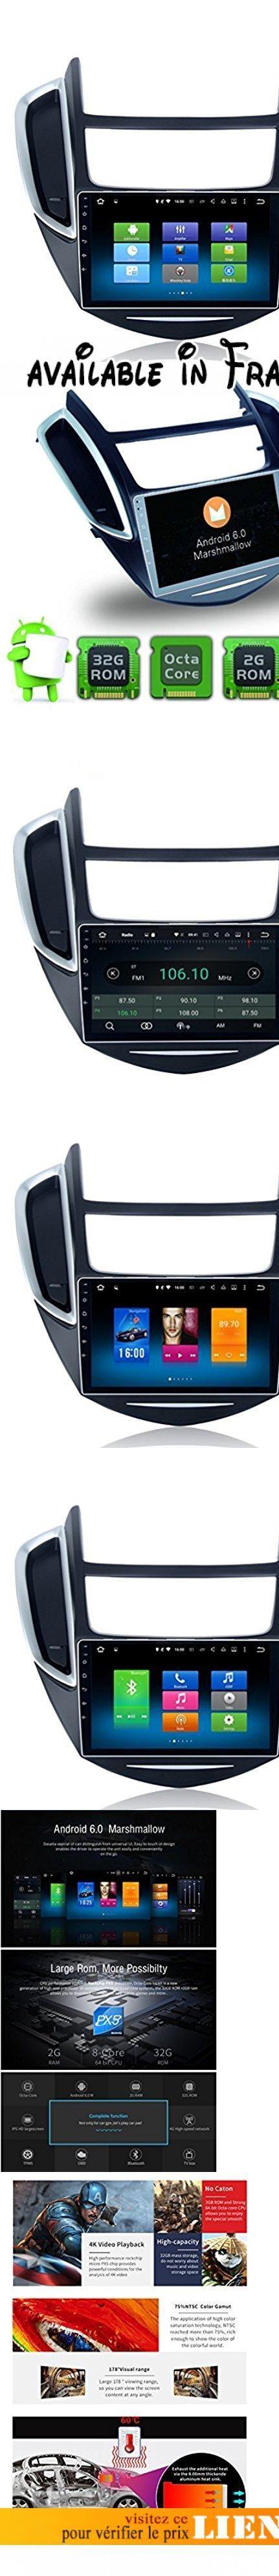 Roverone 9 Pouces Android 6.0 Octa Core pour Chevrolet Trax 2013-2016 de voiture radio avec navigation GPS Bluetooth stéréo Miroir Link Full écran tactile. Ce modèle est spécial pour Chevrolet TRAX 2013-2016; ce modèle ne peut pas accueillir la voiture avec navigation GPS d'origine;. Avec Android 6.0du système, un écran tactile 22,9cm Full, 8-Core 64bit RAM 32Go ROM 2G; sans fonction de DVD/CD;. 4K vidéo plaback: haute perfomance Rockchip